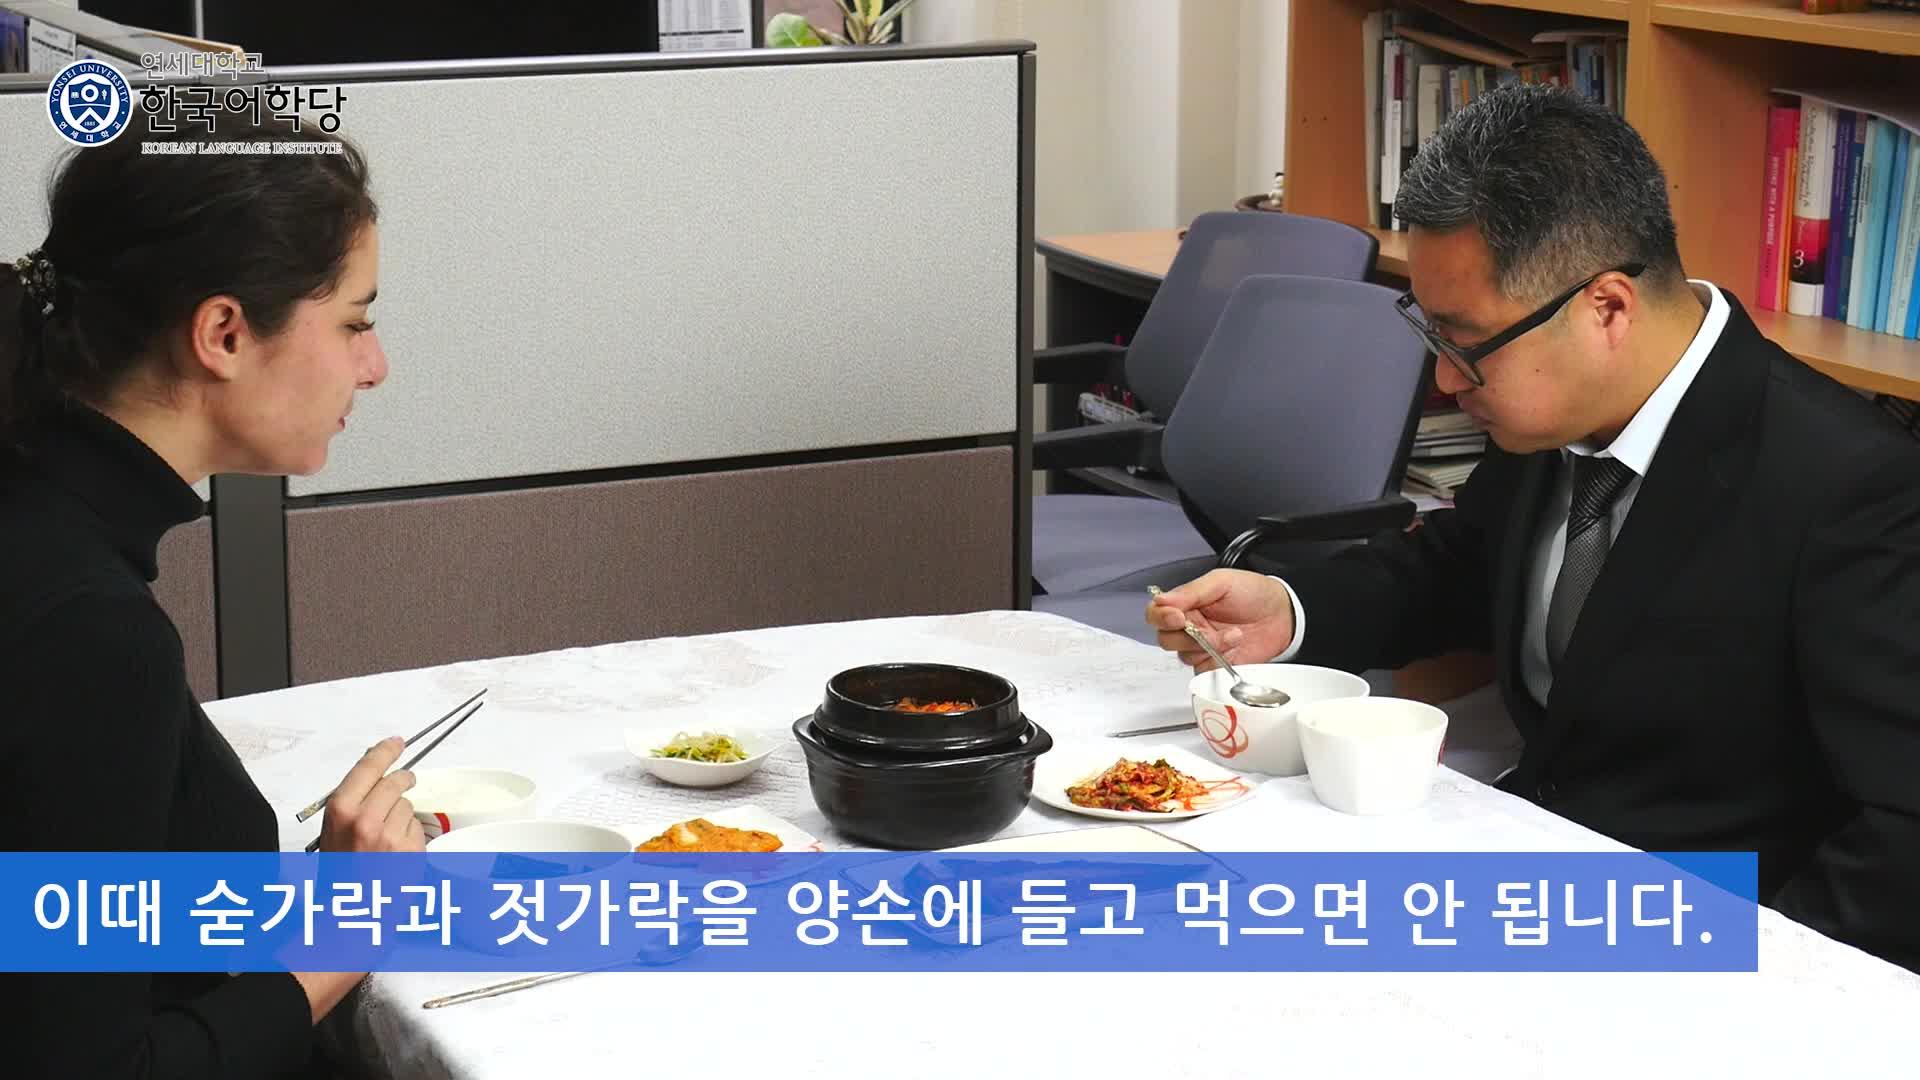 [1분 한국생활]한국에서 어른과 식사할 때 이렇게 해요!